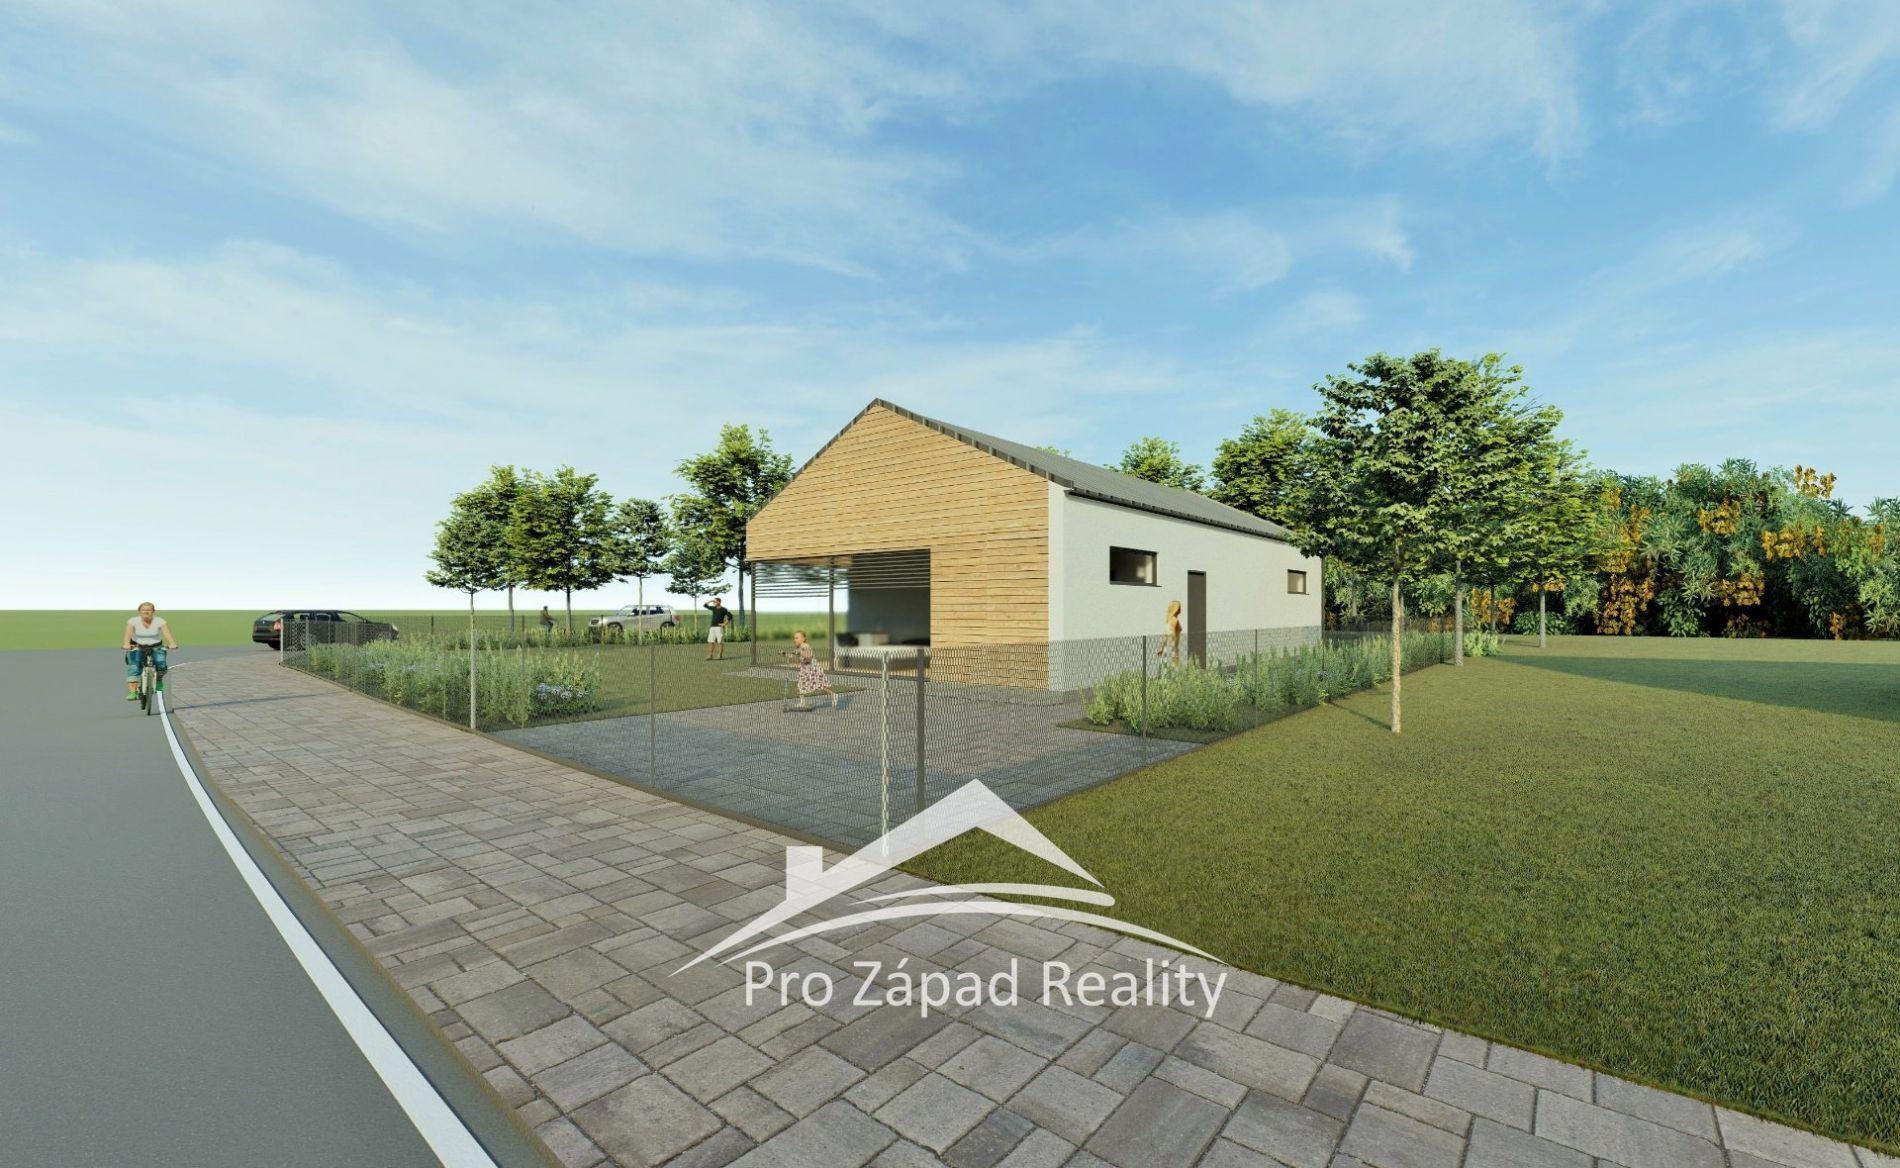 Prodej  pozemků pro bydlení, 816 m2 + dvě parkovací stání, Klatovy - Štěpánovice